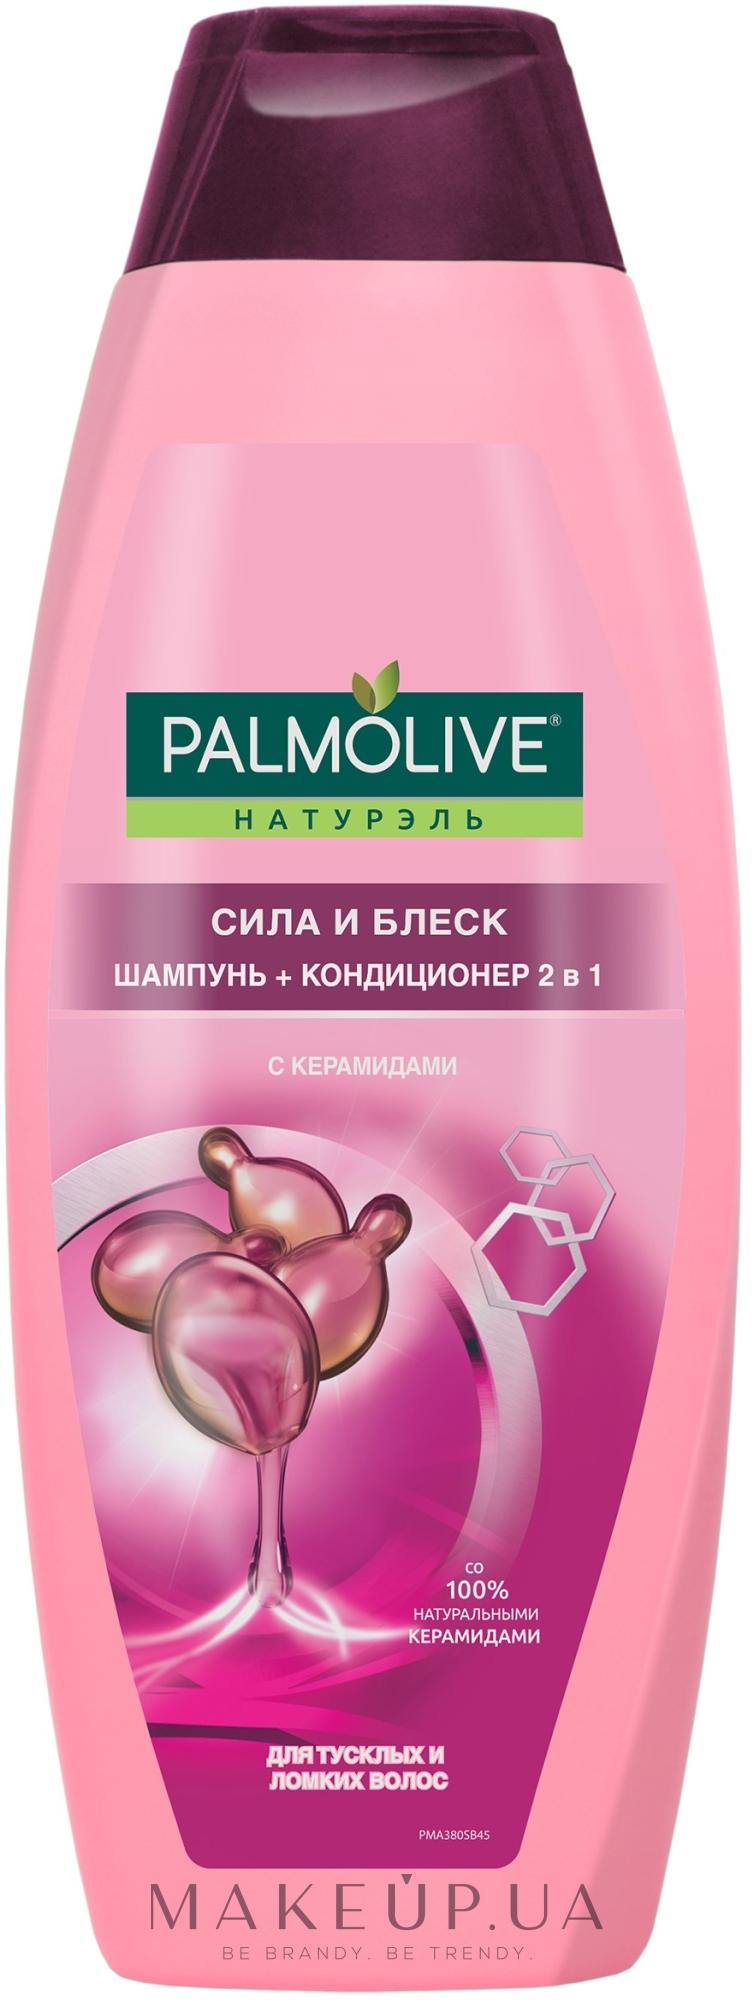 Шампунь-кондиционер сила и блеск с керамидами - Palmolive Hair Shampoo — фото 380ml